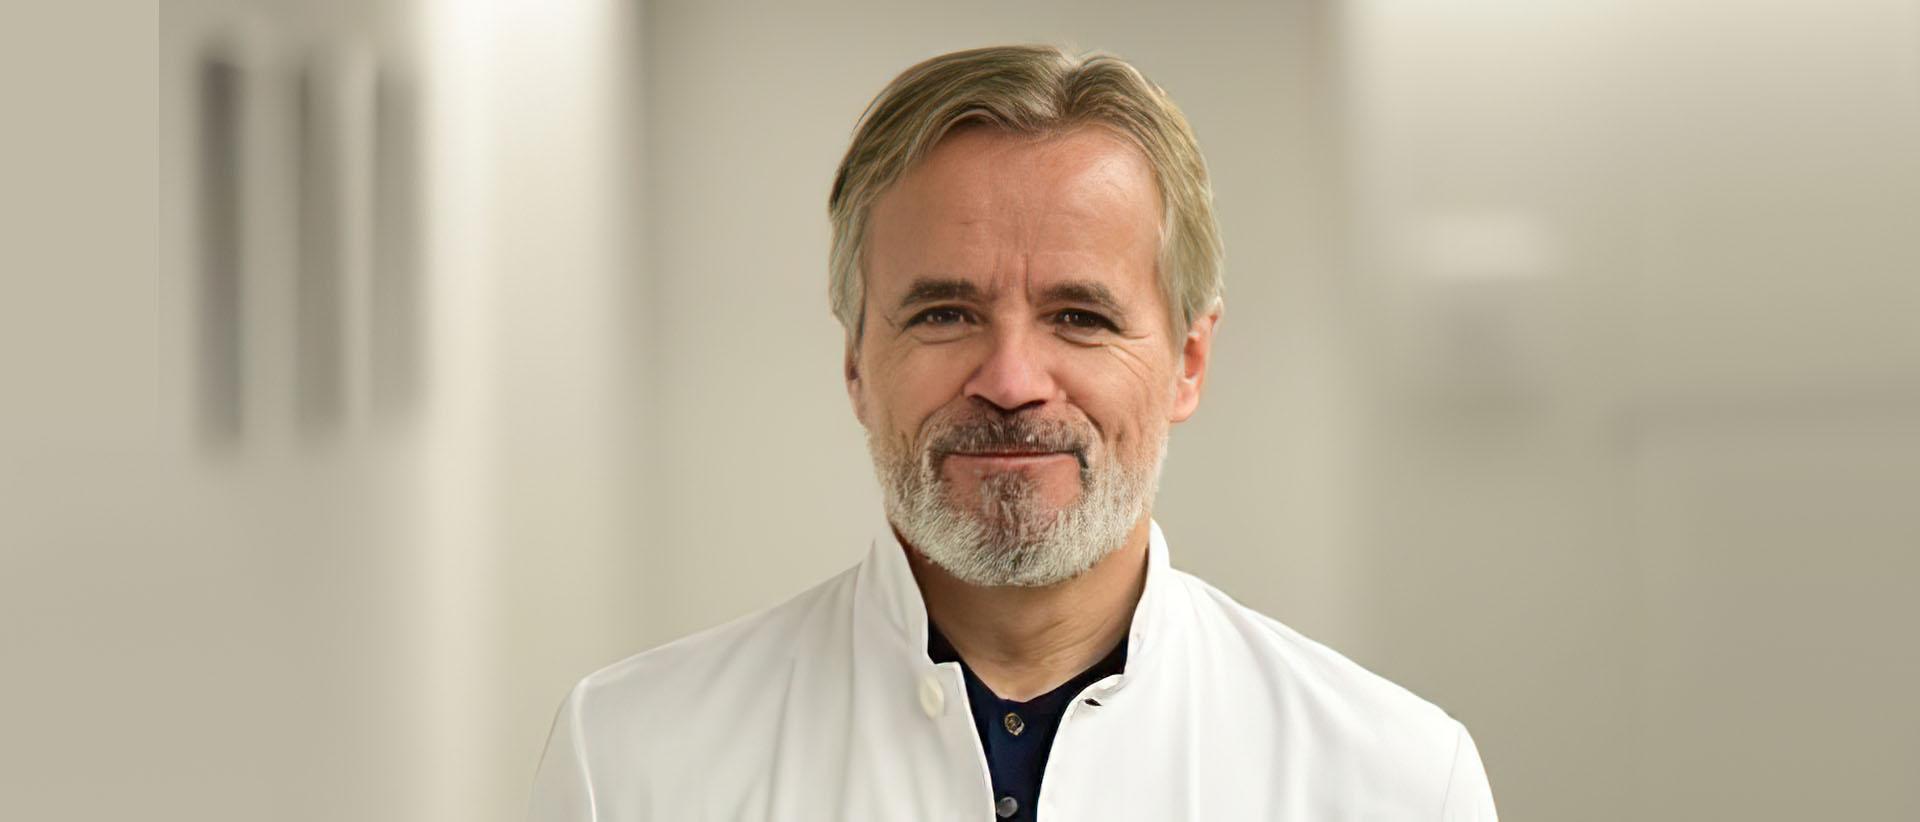 Paul R. Vogt